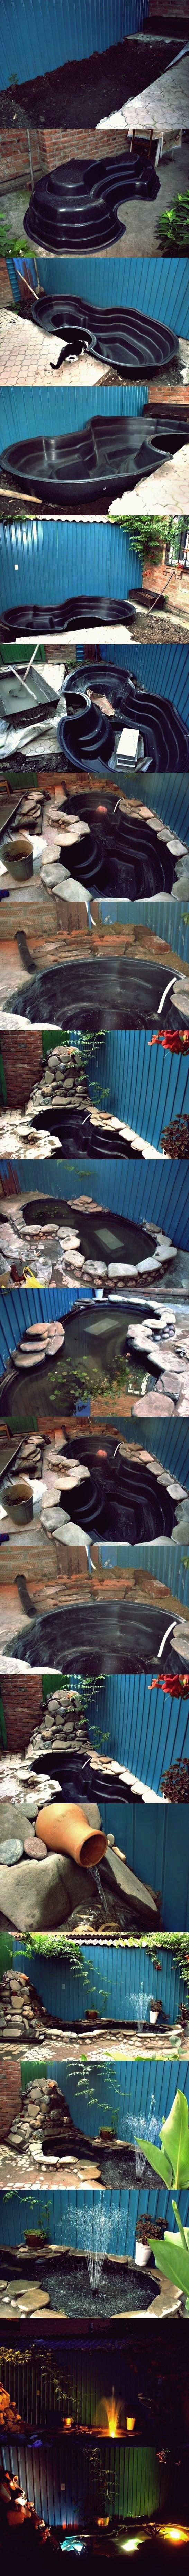 DIY einfacher Teich im Hinterhof